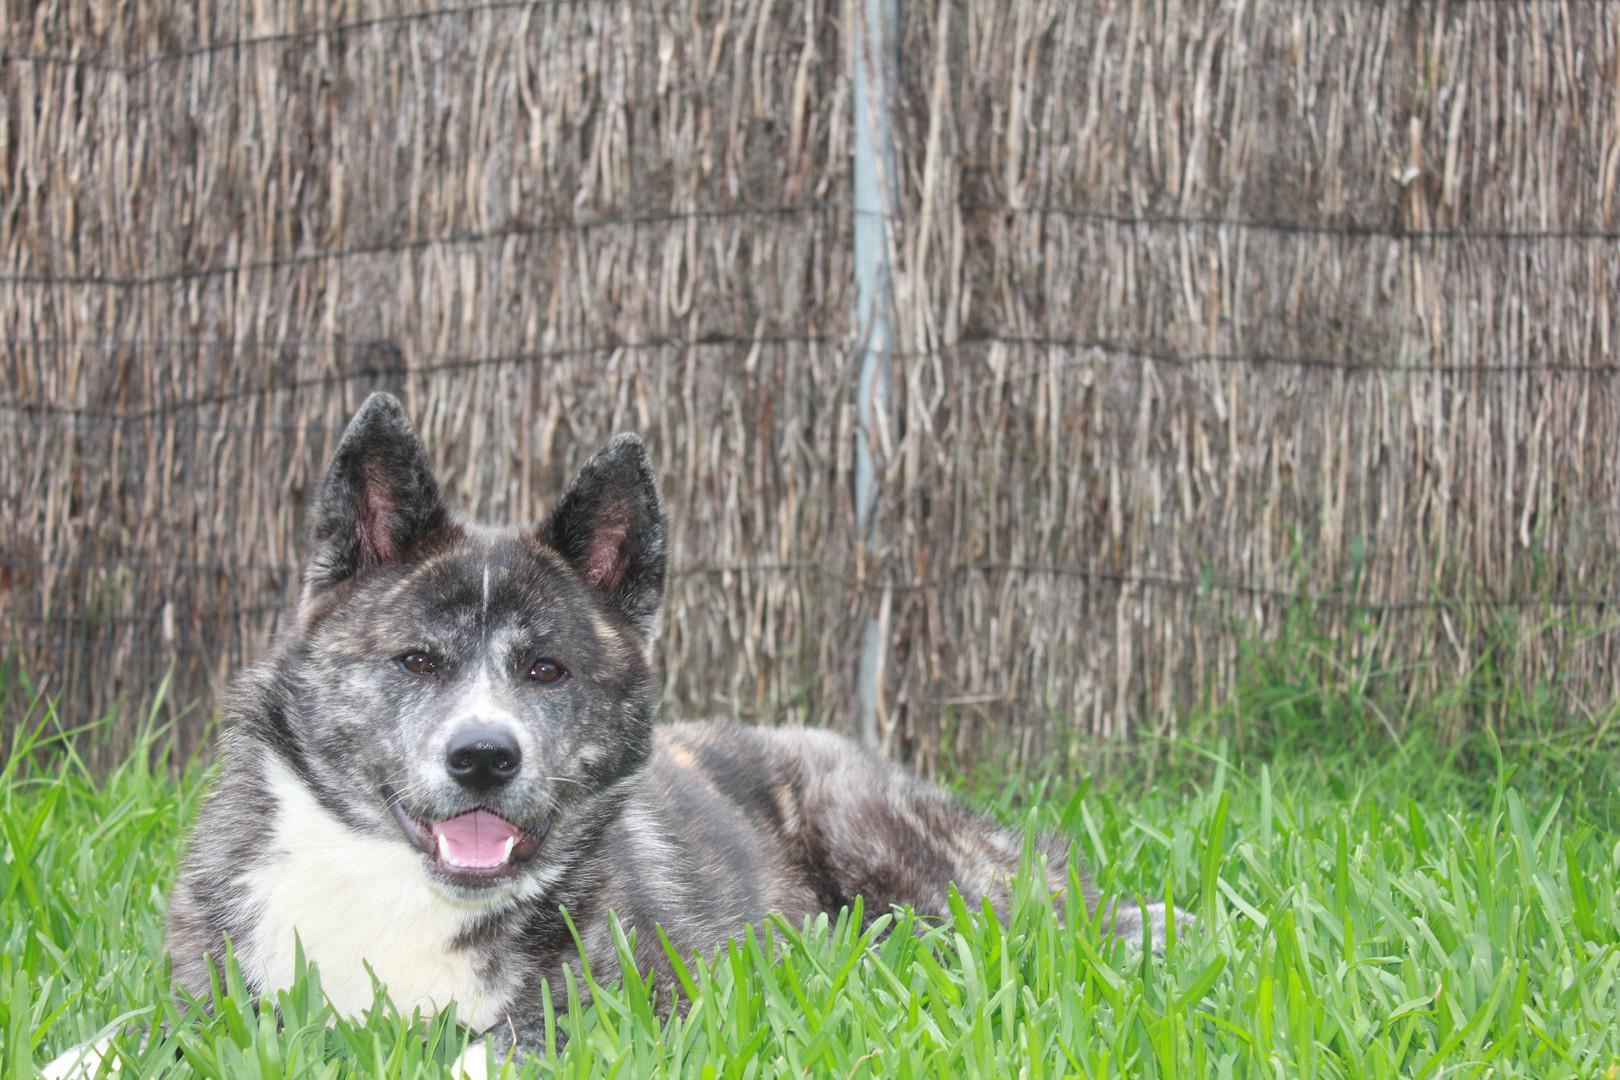 Saki the Akita in the green grass